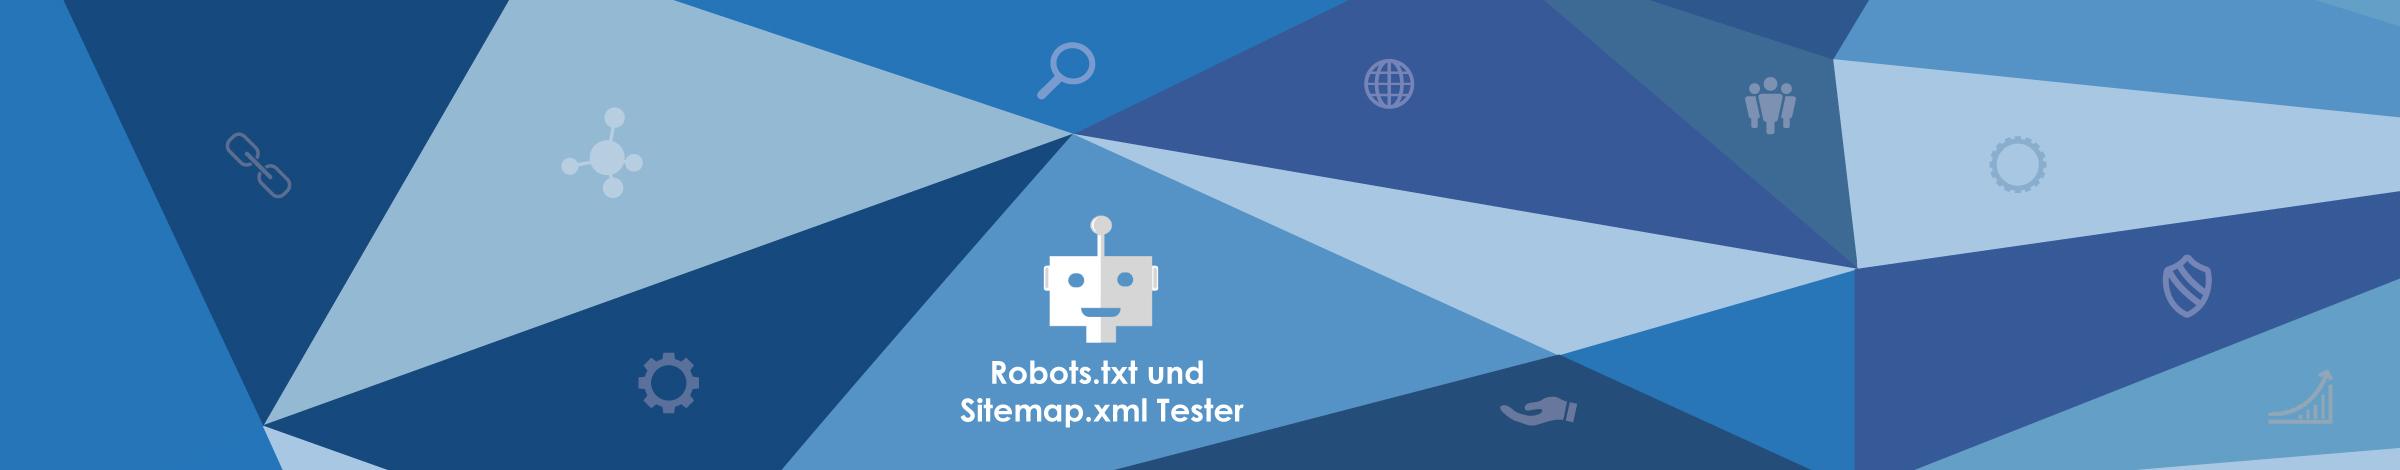 web_updates_kmu_wuk-ch_robots-txt-und-sitemap-xml-tester